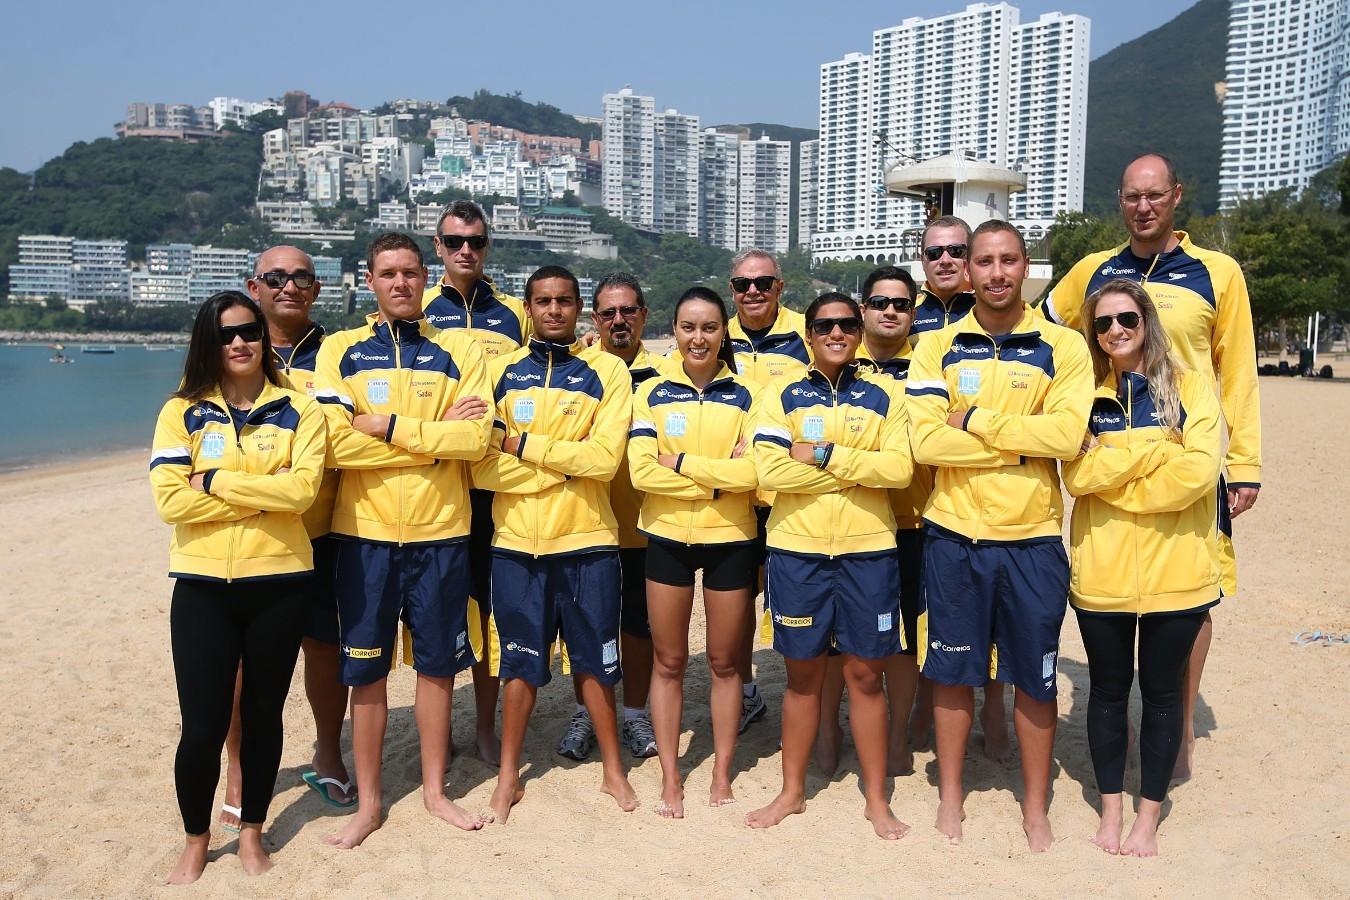 Equipe do Brasil. Treino preparatorio para Copa do Mundo de Maratonas Aquaticas, etapa Travessia de Hong Kong na Repulse Bay . 17 de Outubro de 2014, Hong Kong. Foto: Satiro Sodre/SSPress.